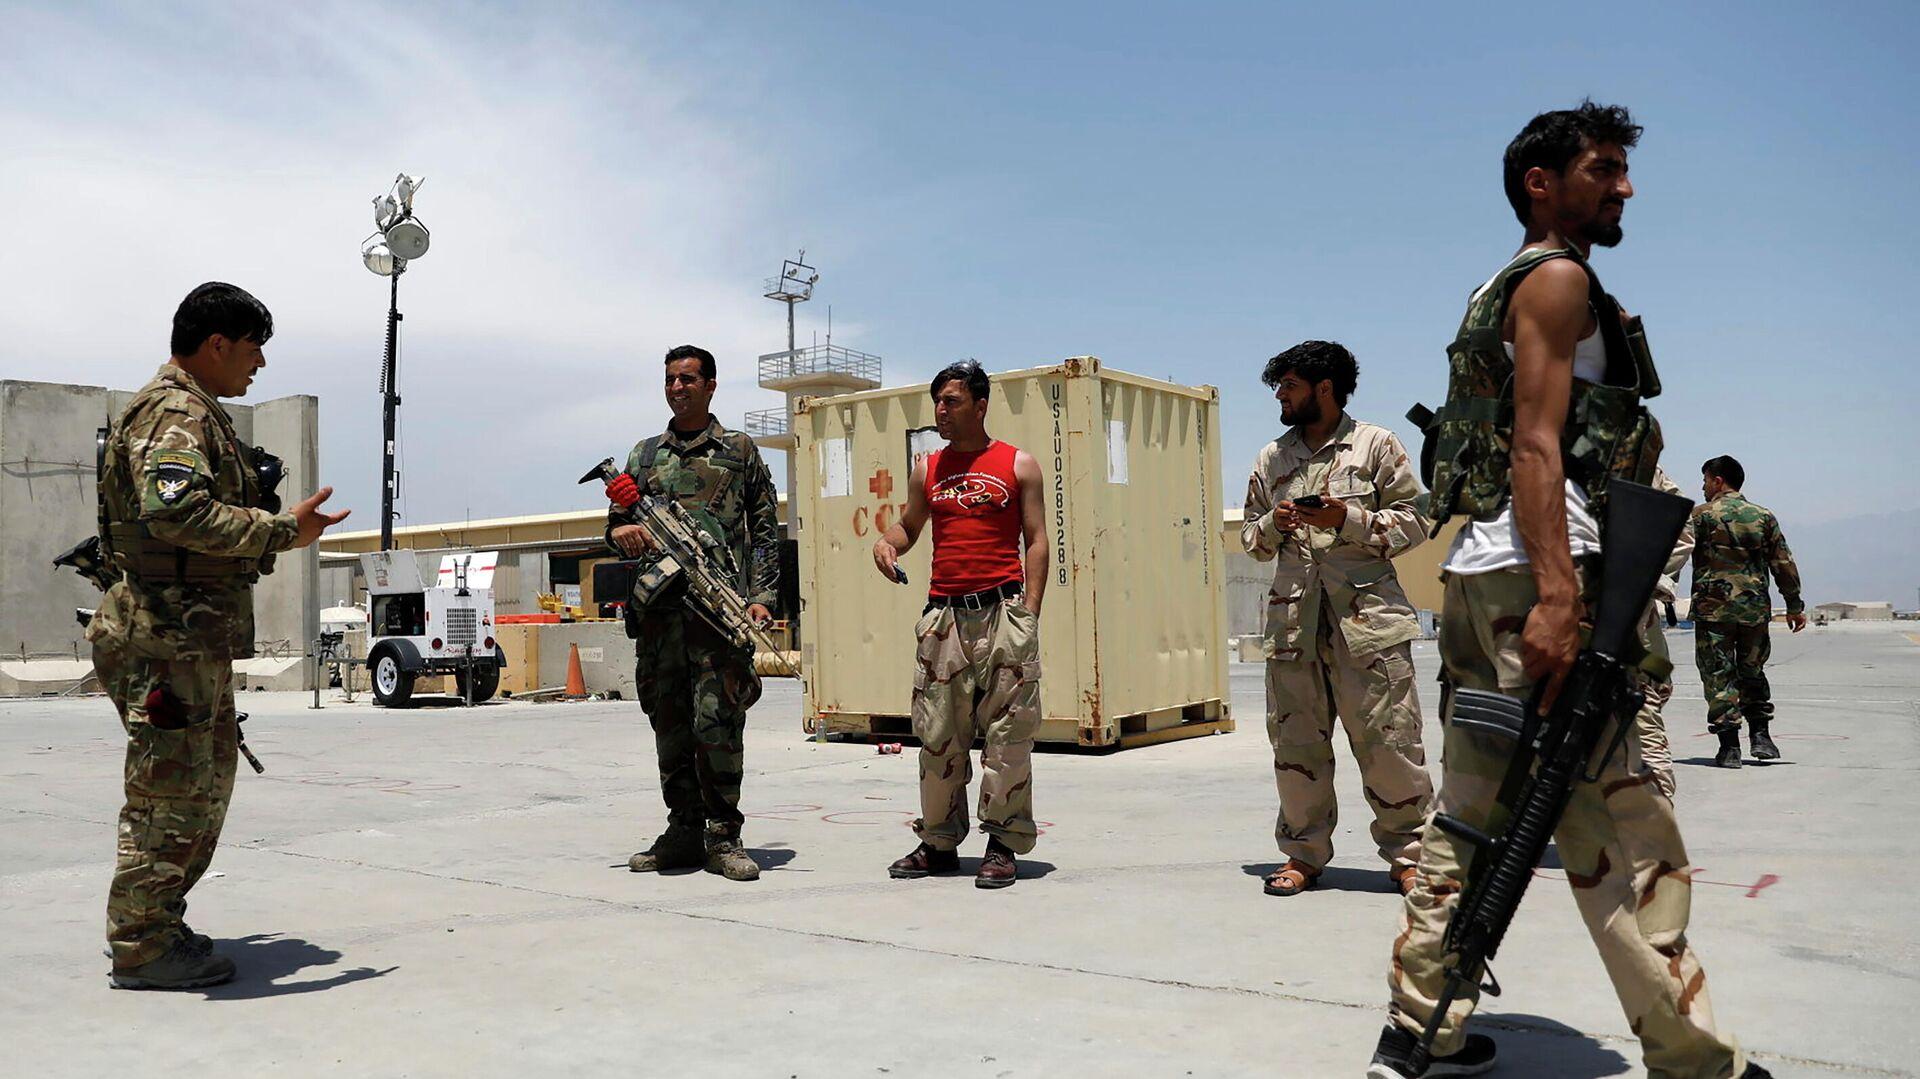 Афганские военнослужащие на американской авиабазе Баграм в Афганистане - РИА Новости, 1920, 08.07.2021